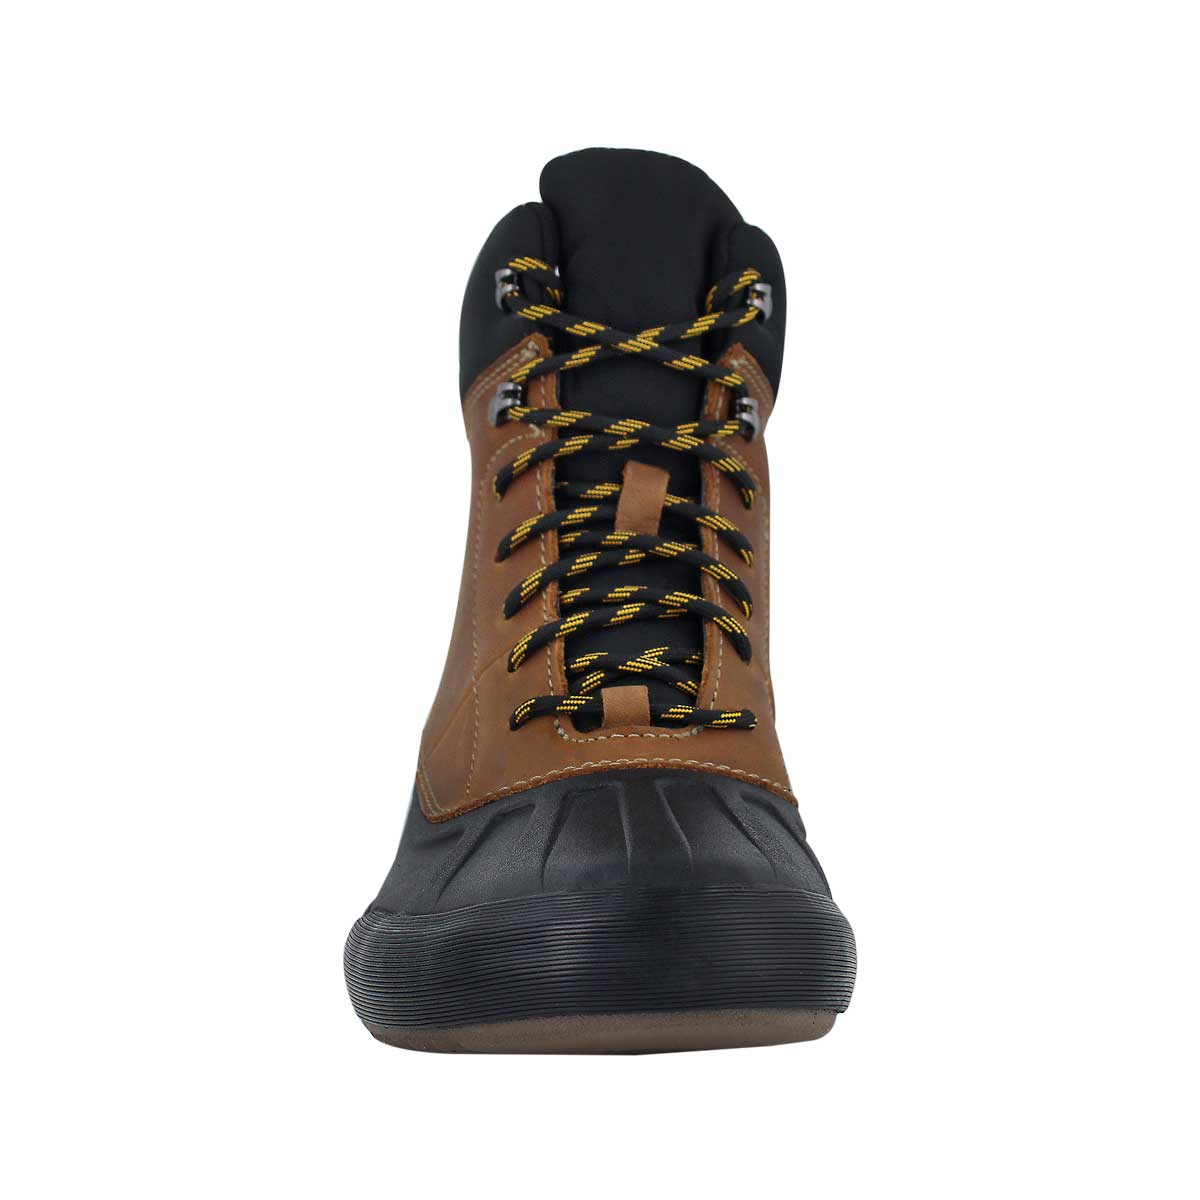 Mns Bowman Peak dk tn wtpf ankle boot